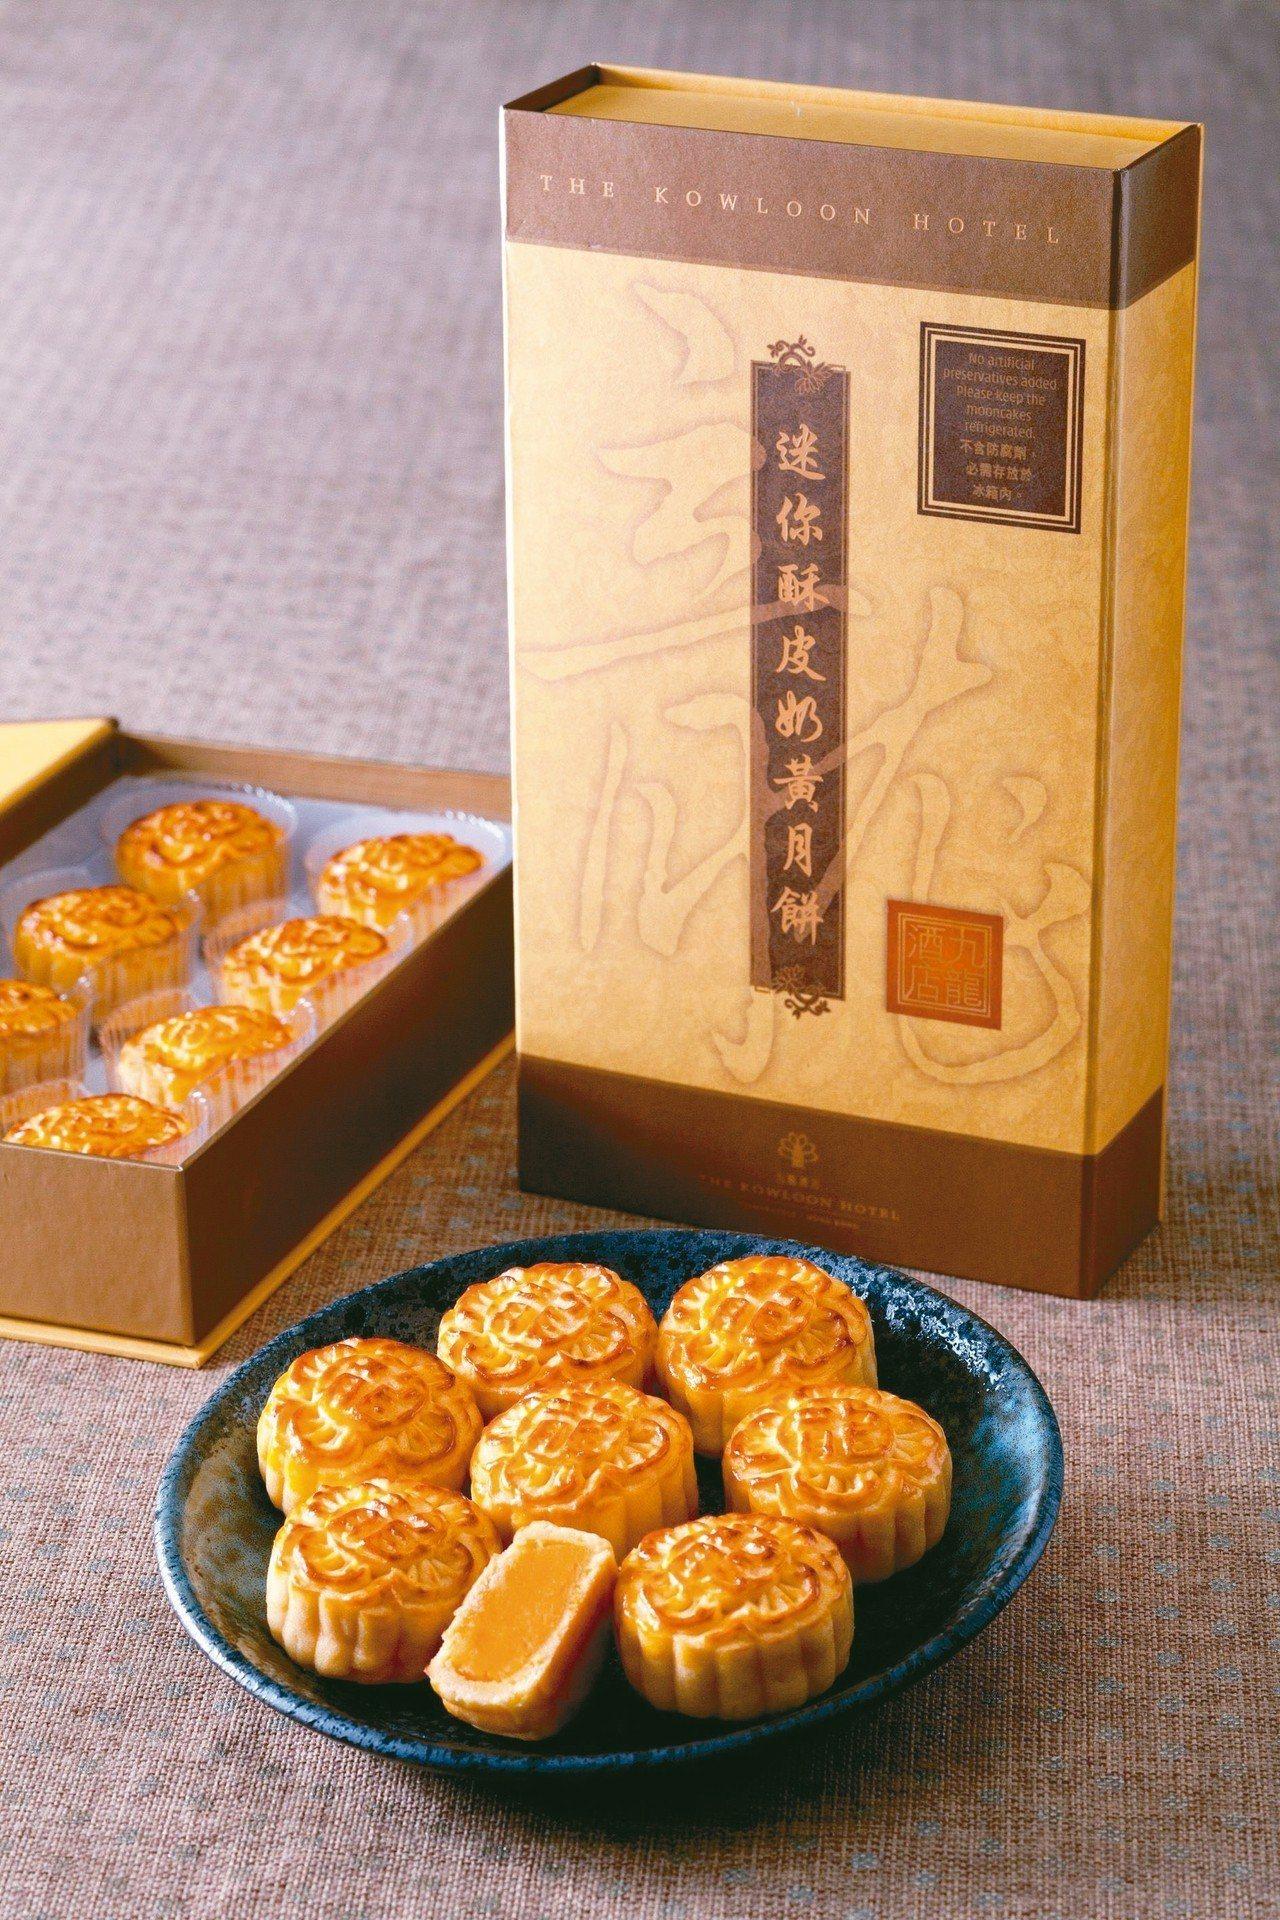 香港九龍酒店鎮店之寶「迷你酥皮奶黃月餅」,每盒8入1,050元。 圖/遠百提供